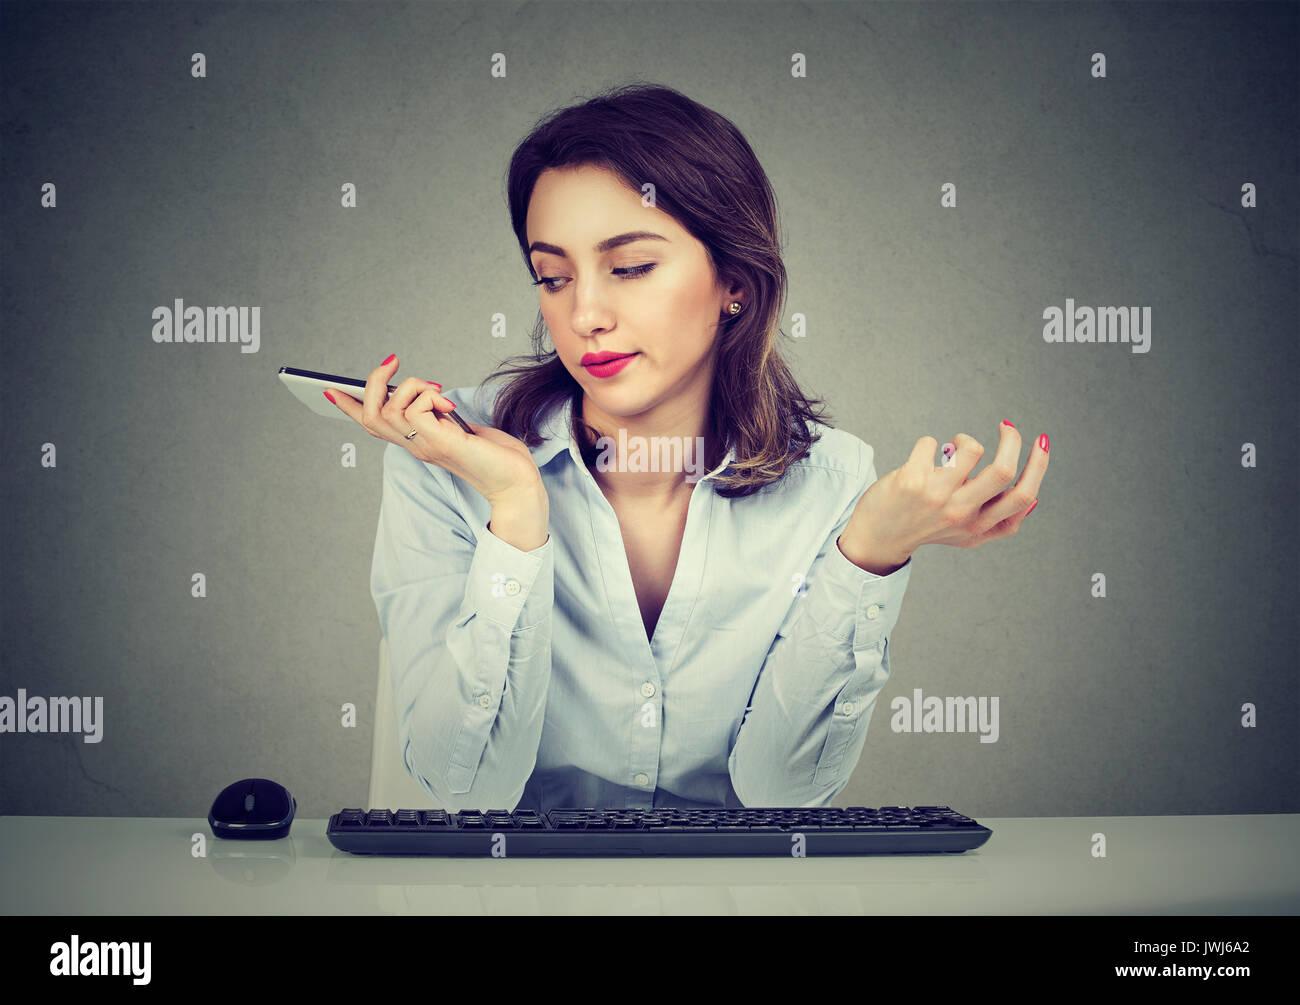 Verärgert junge Frau mit Handy. Schrecklich Gespräche Konzept. Menschliche emotion Gesichtsausdruck Reaktion Stockbild